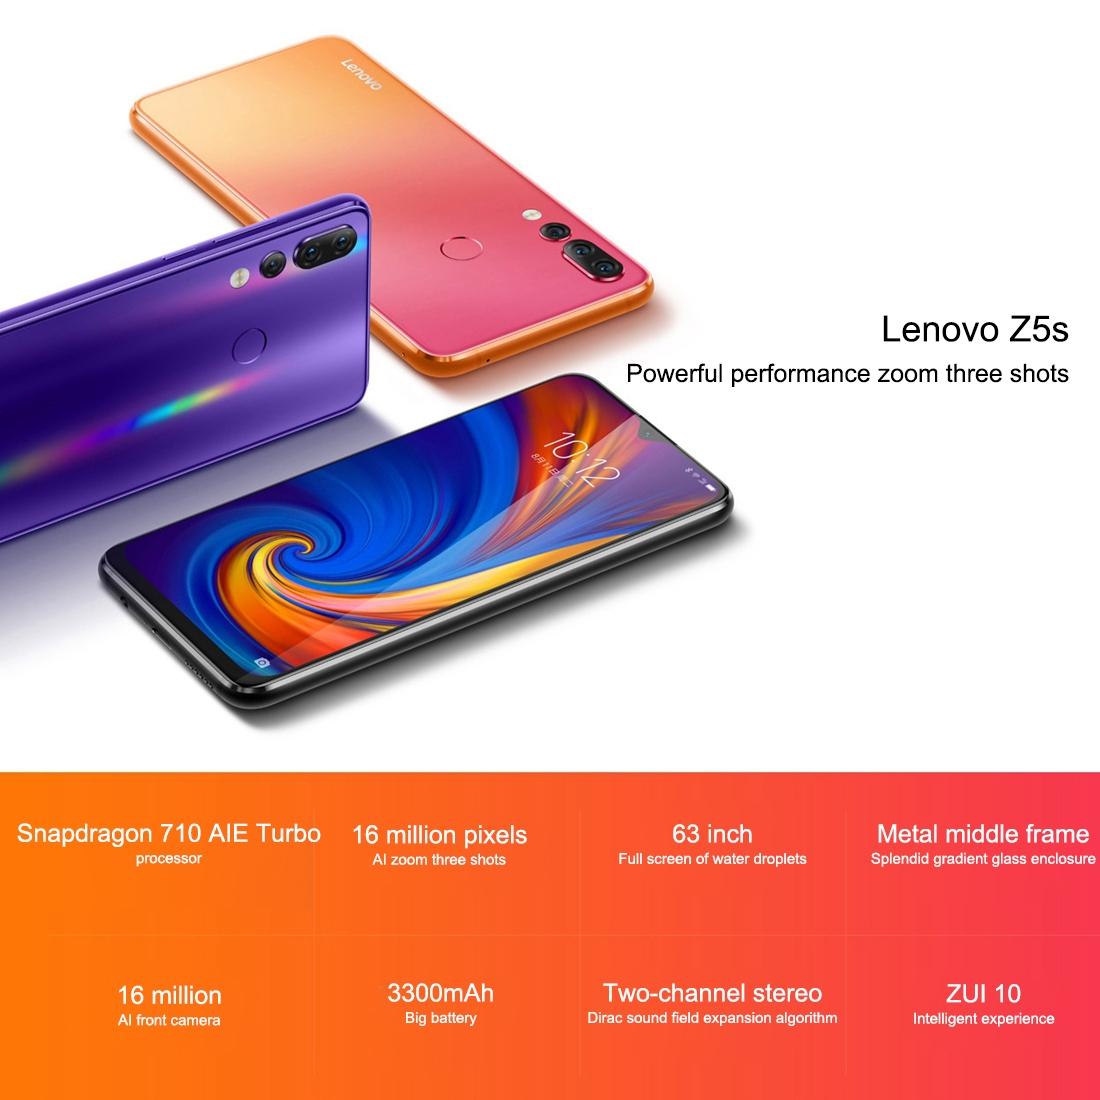 i.ibb.co/5sjR1Sv/Smartphone-6-GB-de-RAM-128-GB-de-ROM-Lenovo-Z5s-4.jpg